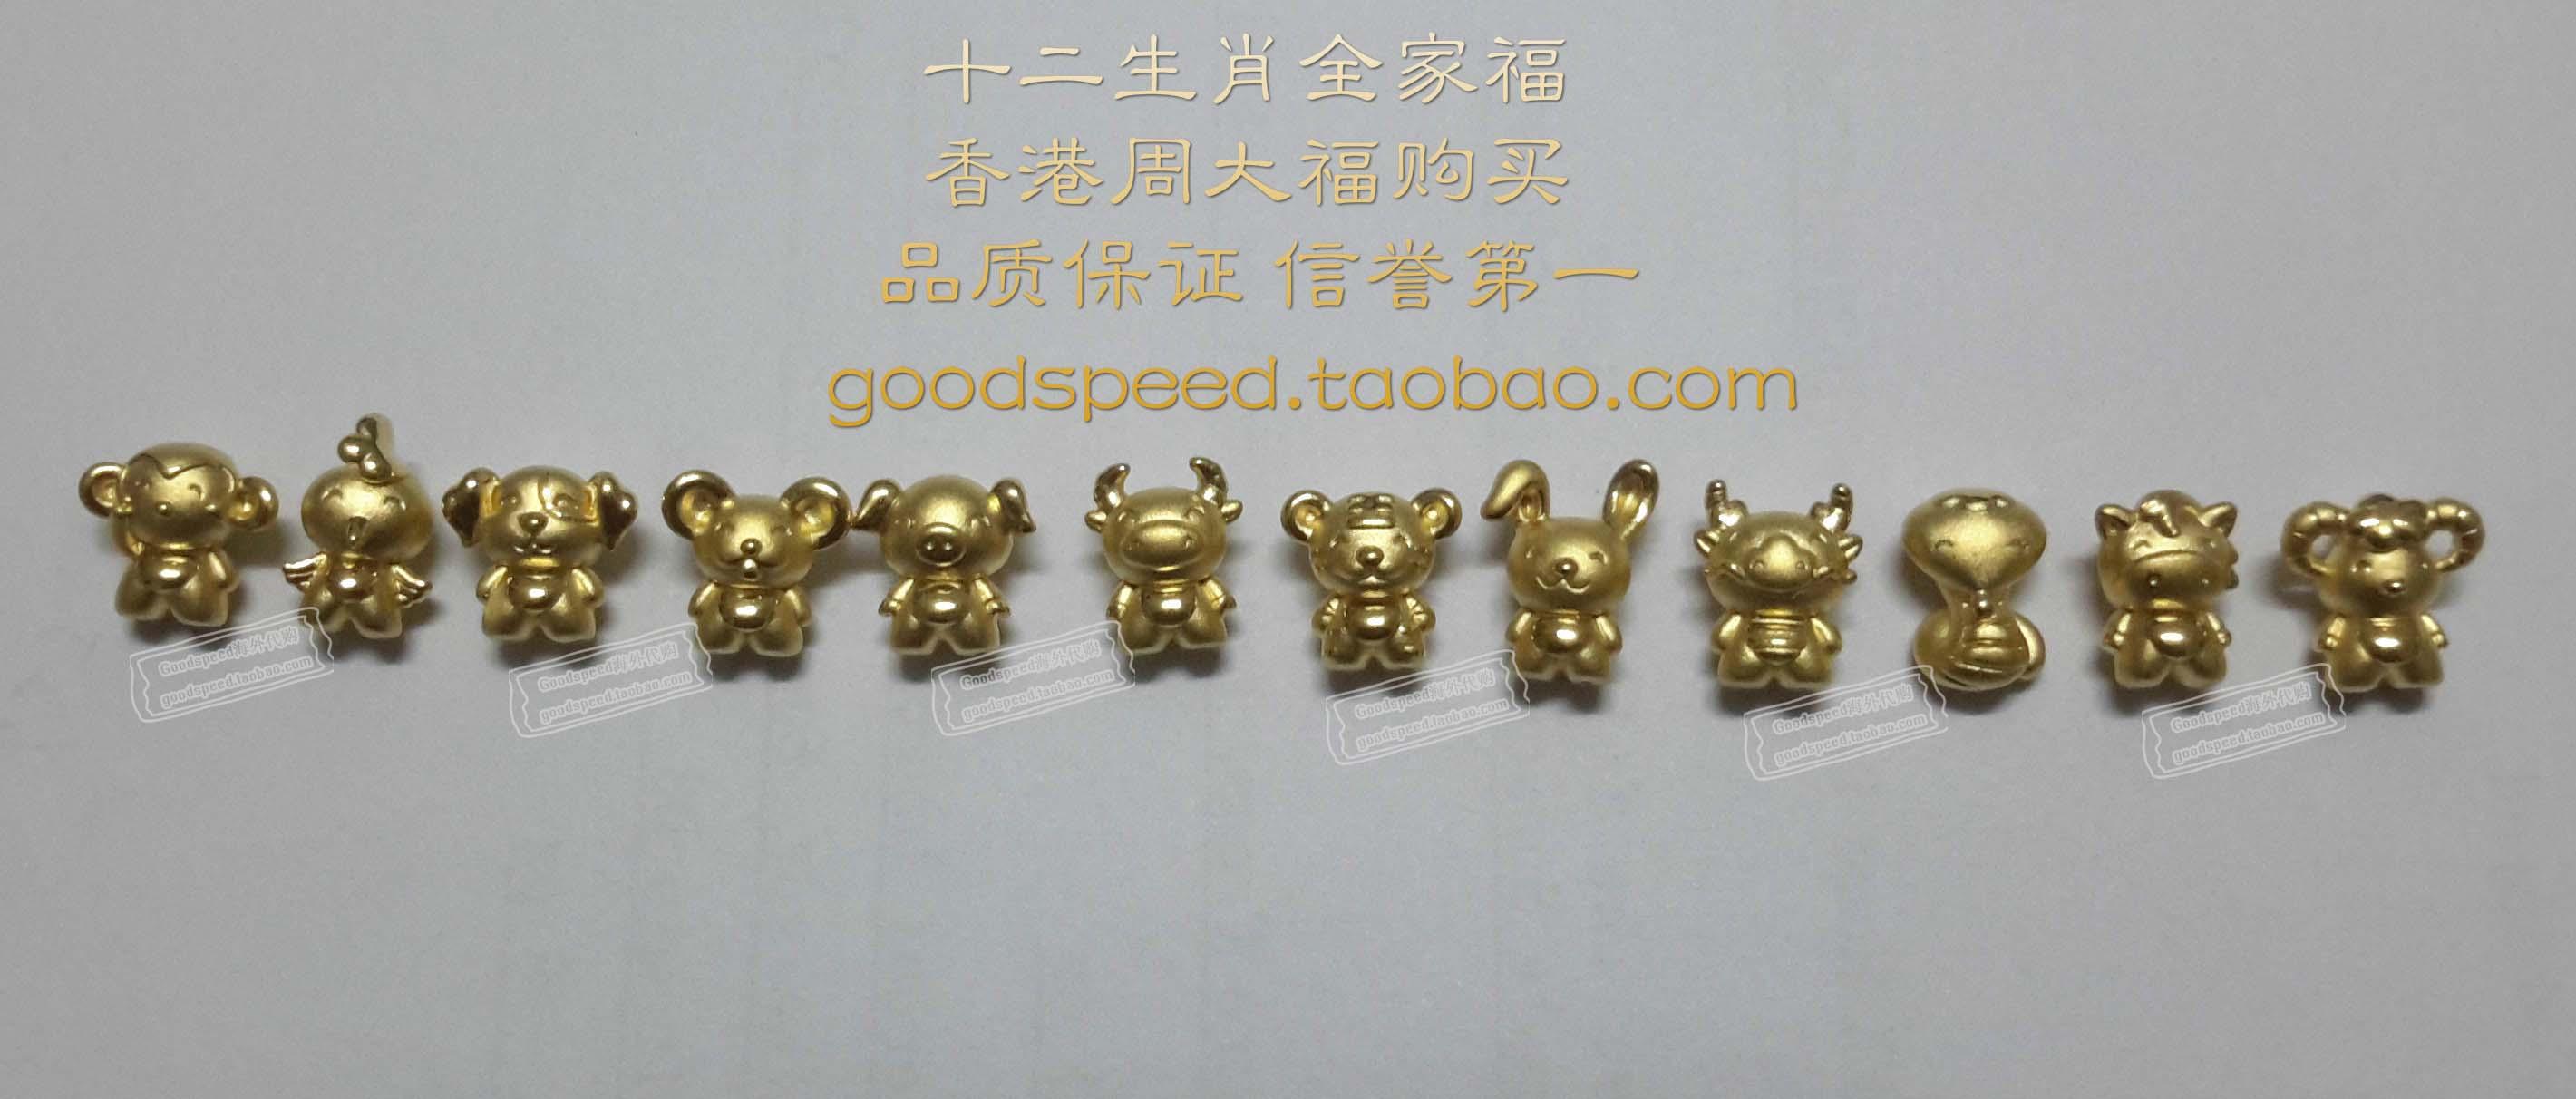 【香港现货】周大福12生肖转运珠 猴鸡狗猪鼠牛虎兔龙蛇马羊商品图片图片